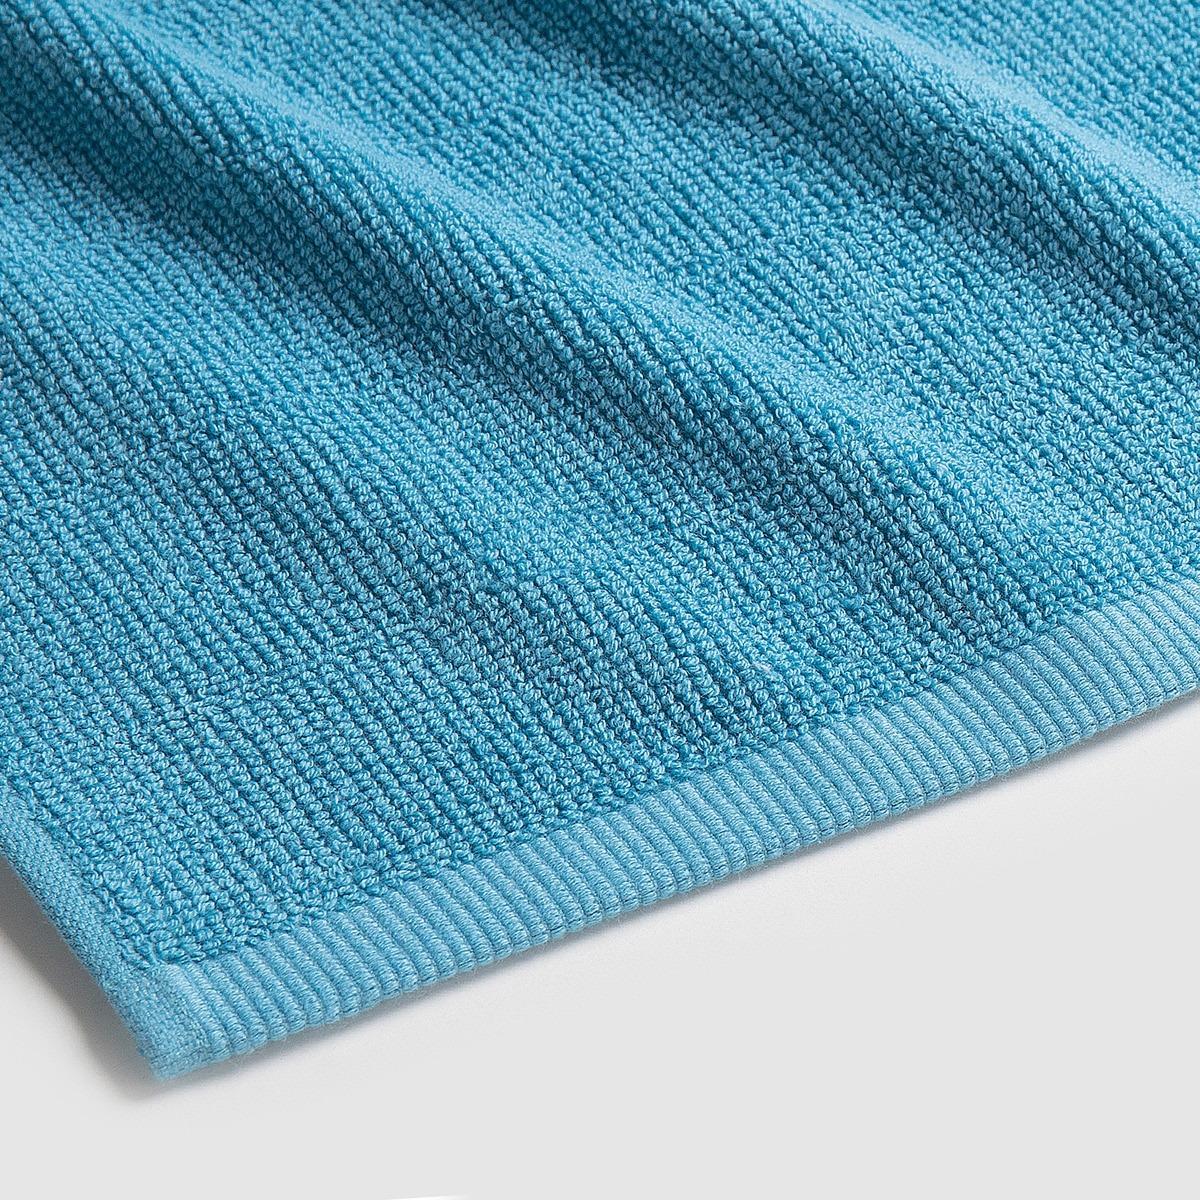 Toallas de baño jacquard 500 gr/m2 Gokova de 100 x 150 cms